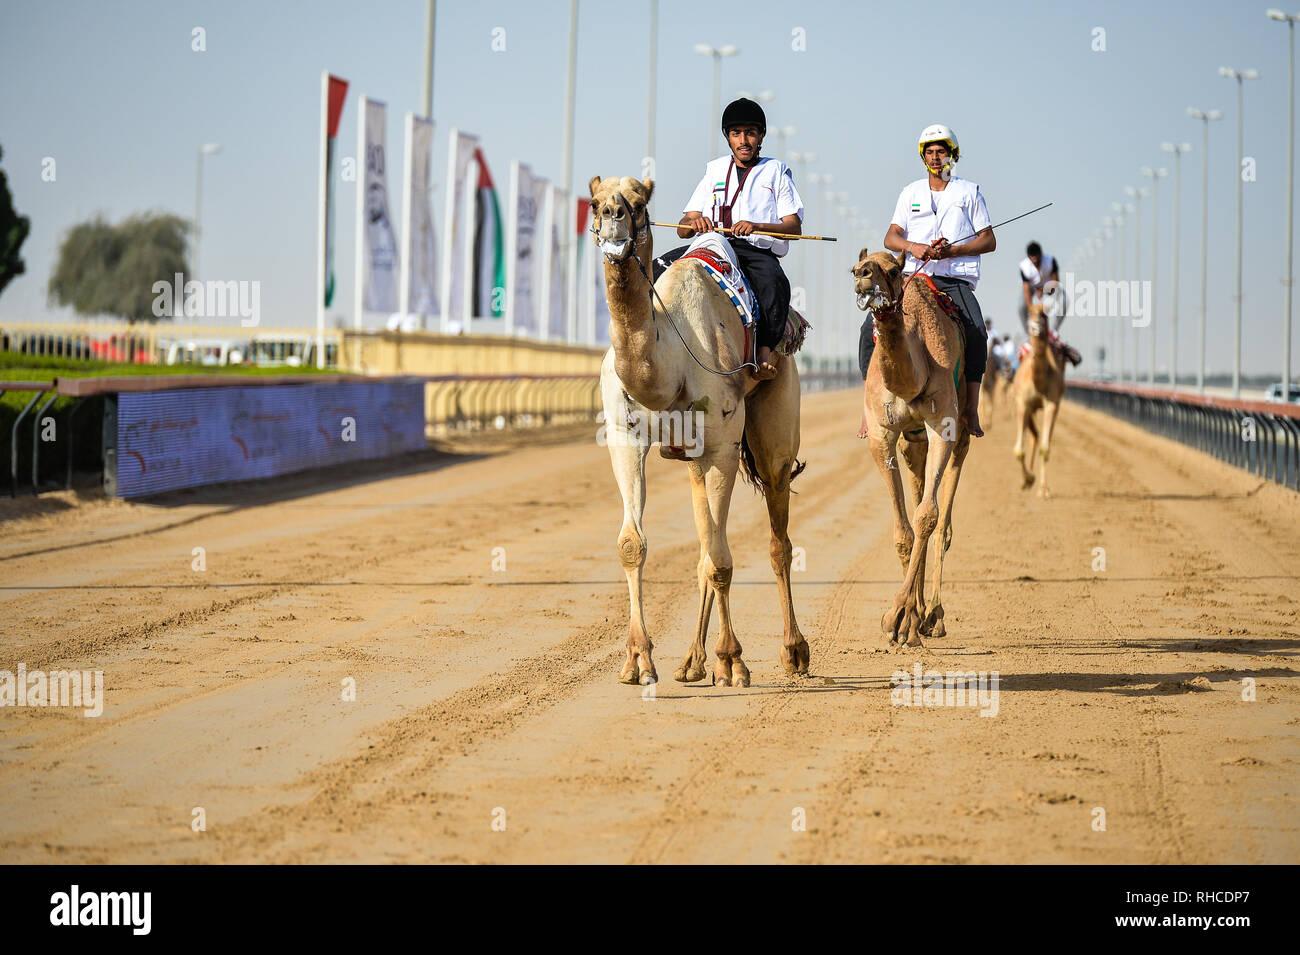 Dubaï, Émirats arabes unis, 2 février 2019. Approche des jockeys de la ligne d'arrivée dans le Prince héritier de Dubaï 2019 Festival des courses de chameaux. C'est la 2e édition du festival annuel, organisé sous le patronage de Son Altesse Sheikh Hamdan Bin Mohammed Bin Rashid Al Maktoum, Prince héritier de Dubaï Crédit: Feroz Khan/Alamy Live News Photo Stock